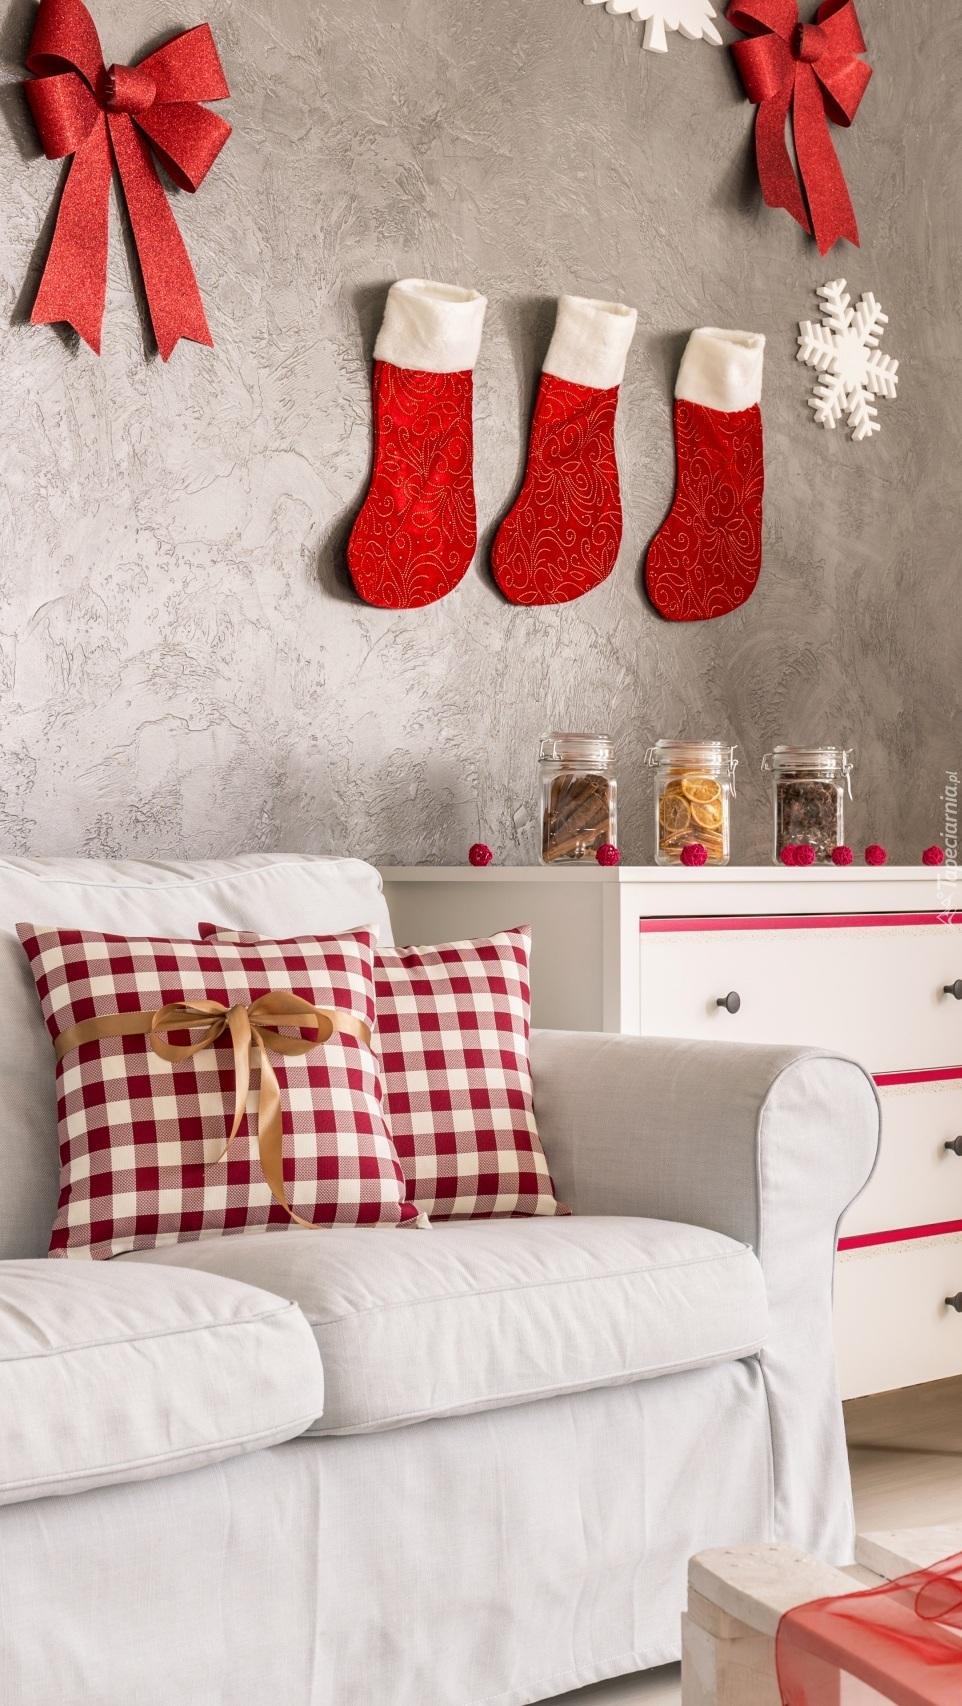 Świąteczna dekoracja w pokoju